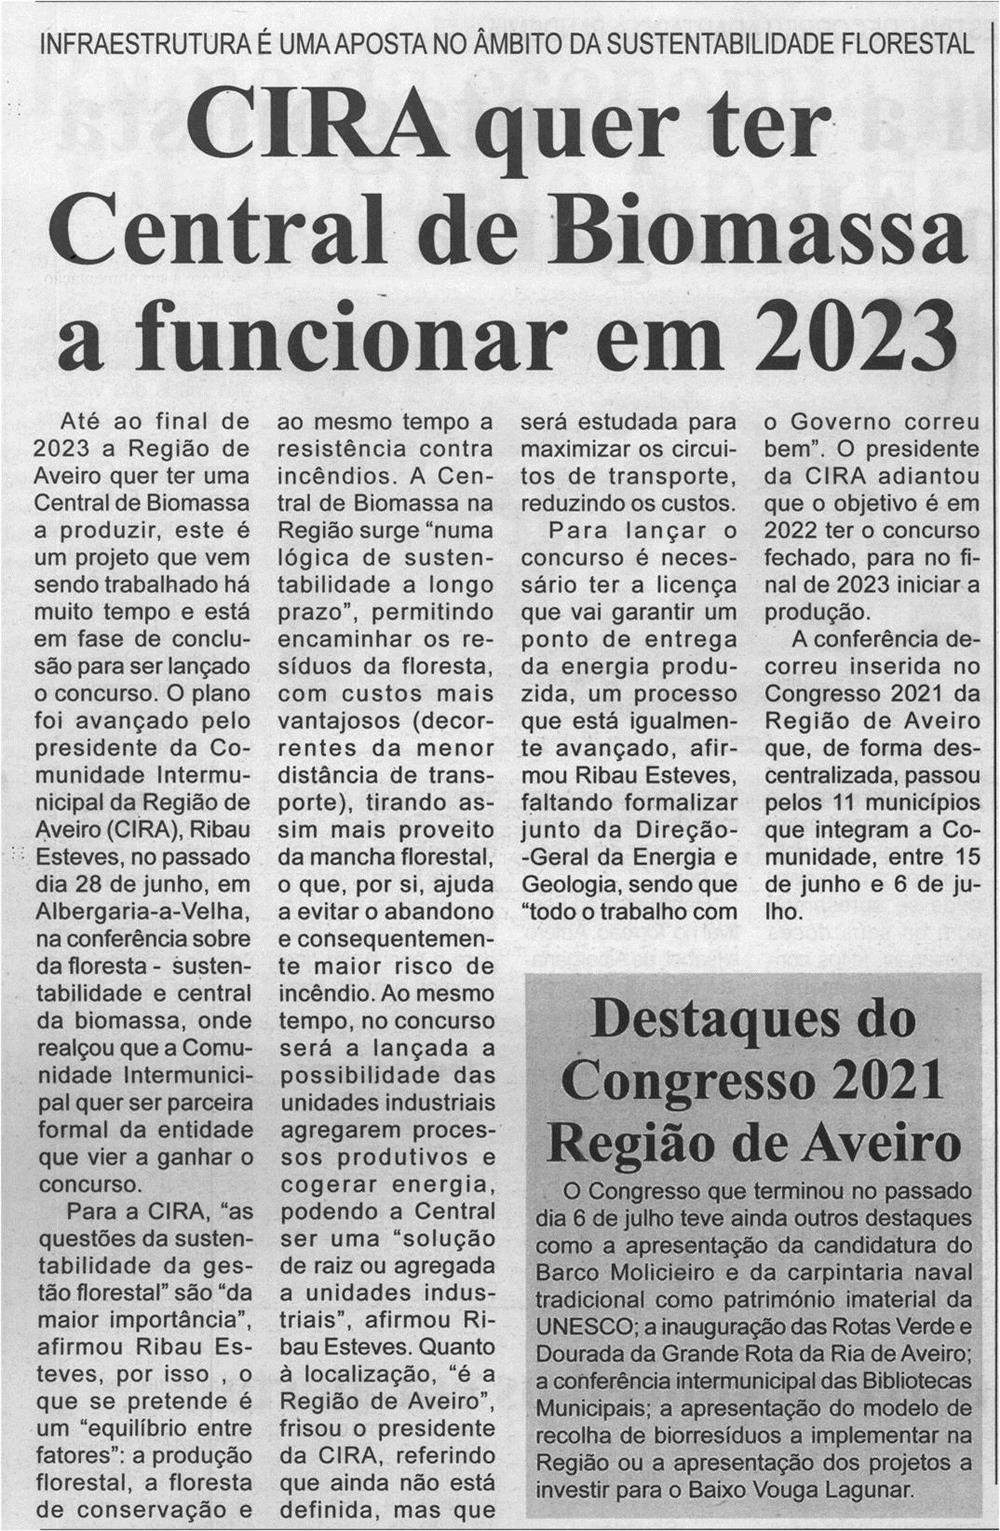 BV-1.ªjul.'21-p.14-CIRA quer ter Central de Biomassa a funcionar em 2023 : infraestrutura é uma aposta no âmbito da sustentabilidade florestal.jpg